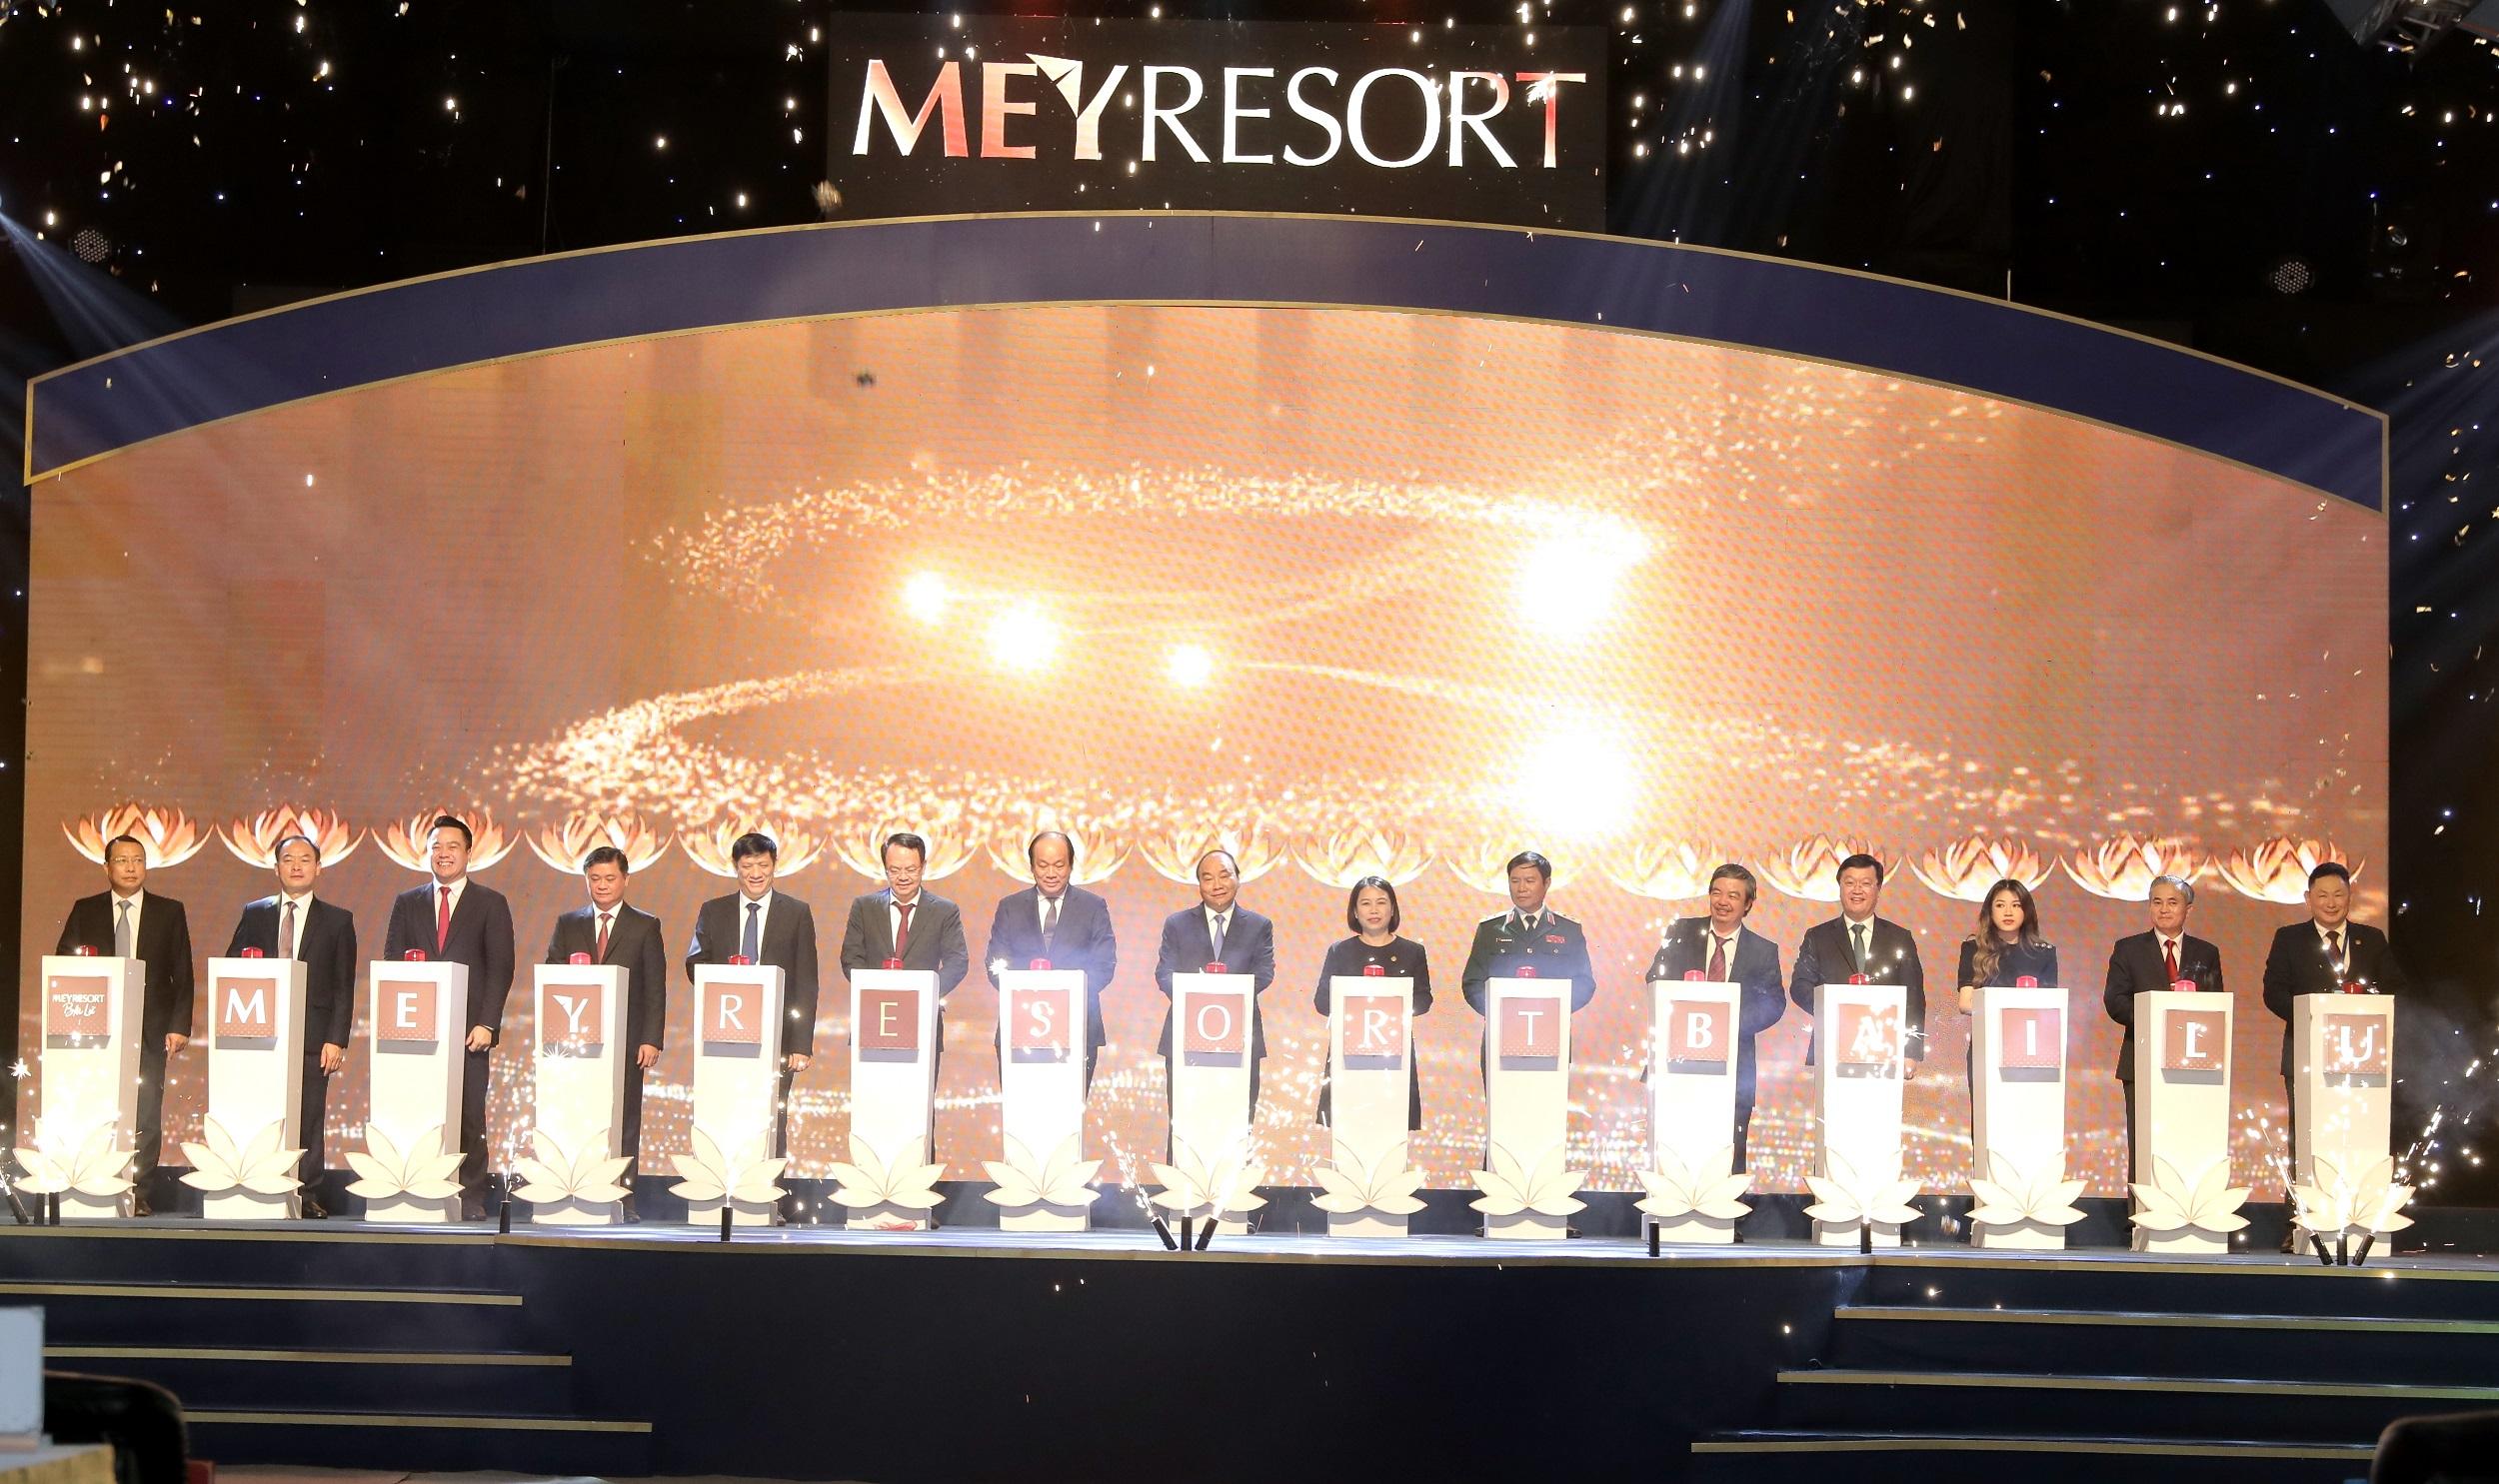 Tập đoàn Tân Á Đại Thành khởi công dự án MEYRESORT BÃI LỮ (giai đoạn 2) - Ảnh 1